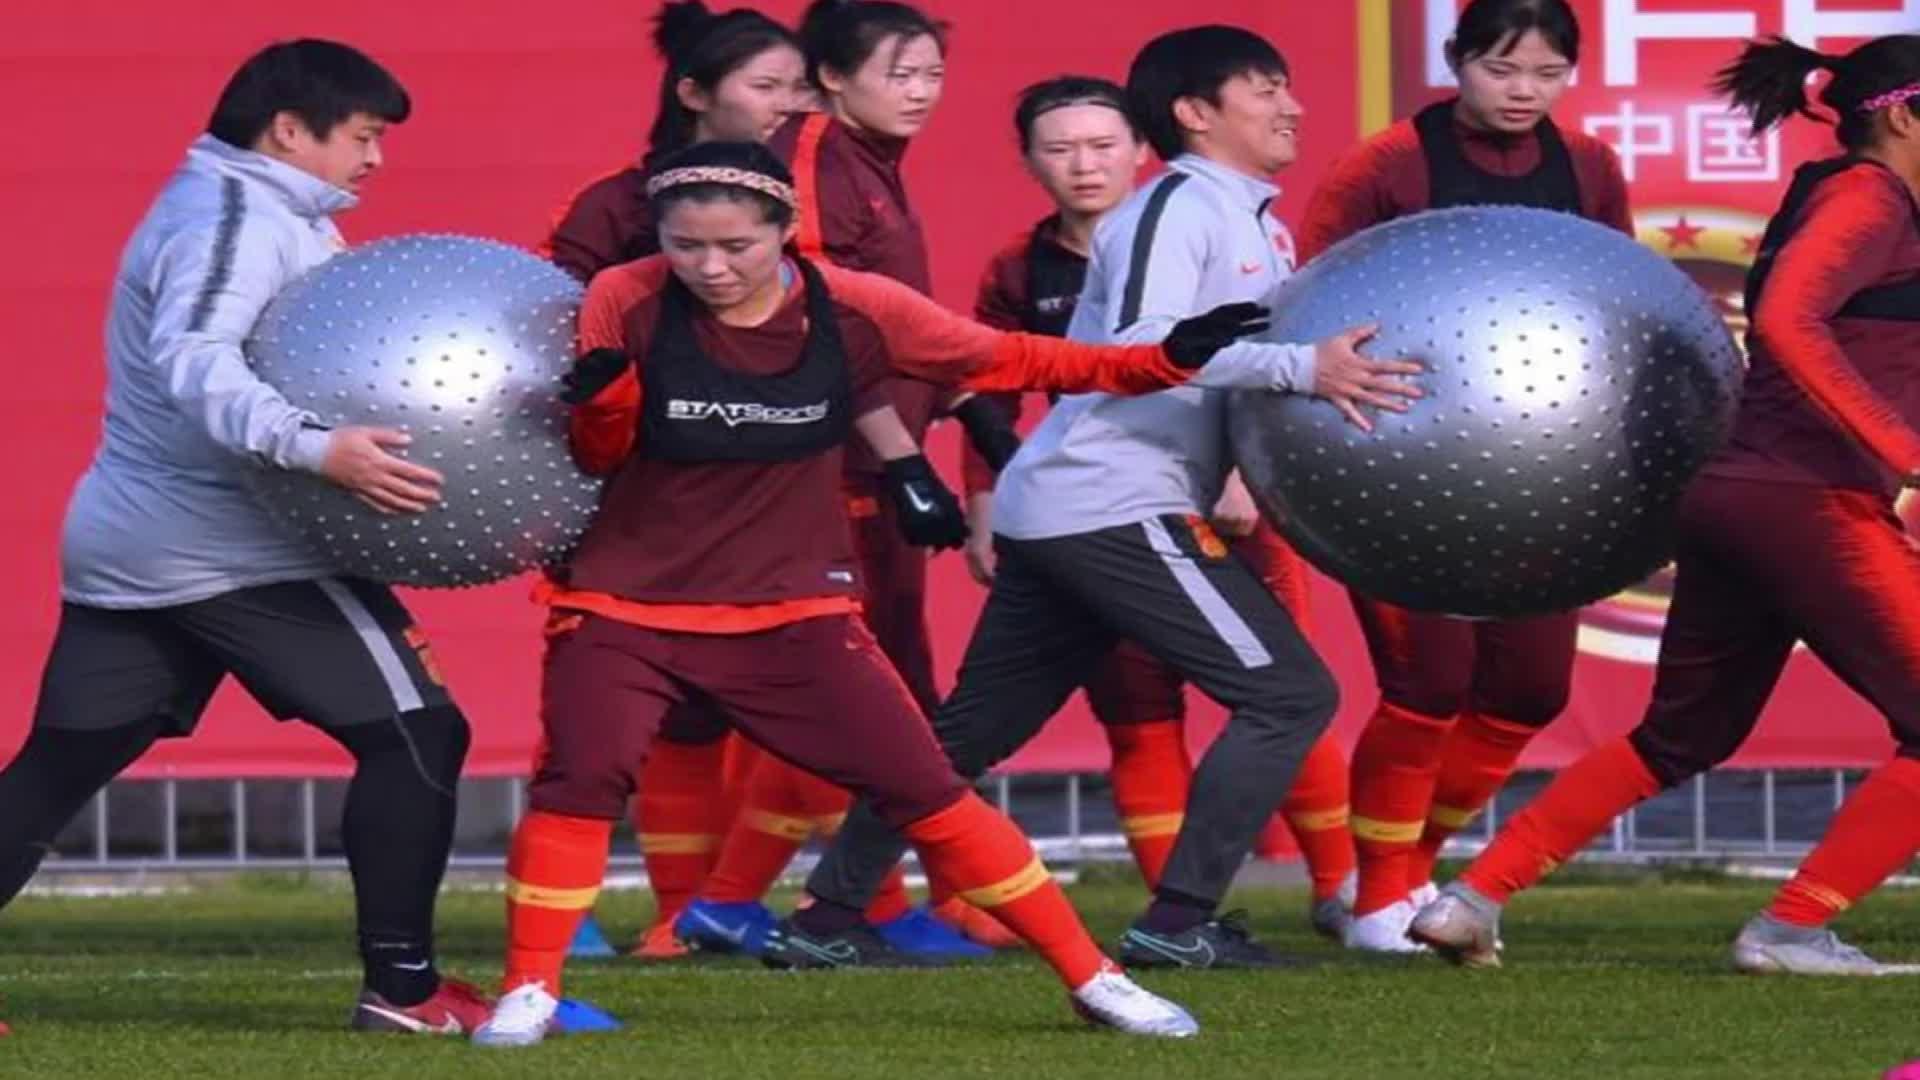 足协对武汉女足奥预赛制订紧急预案 不排除易地或空场举行